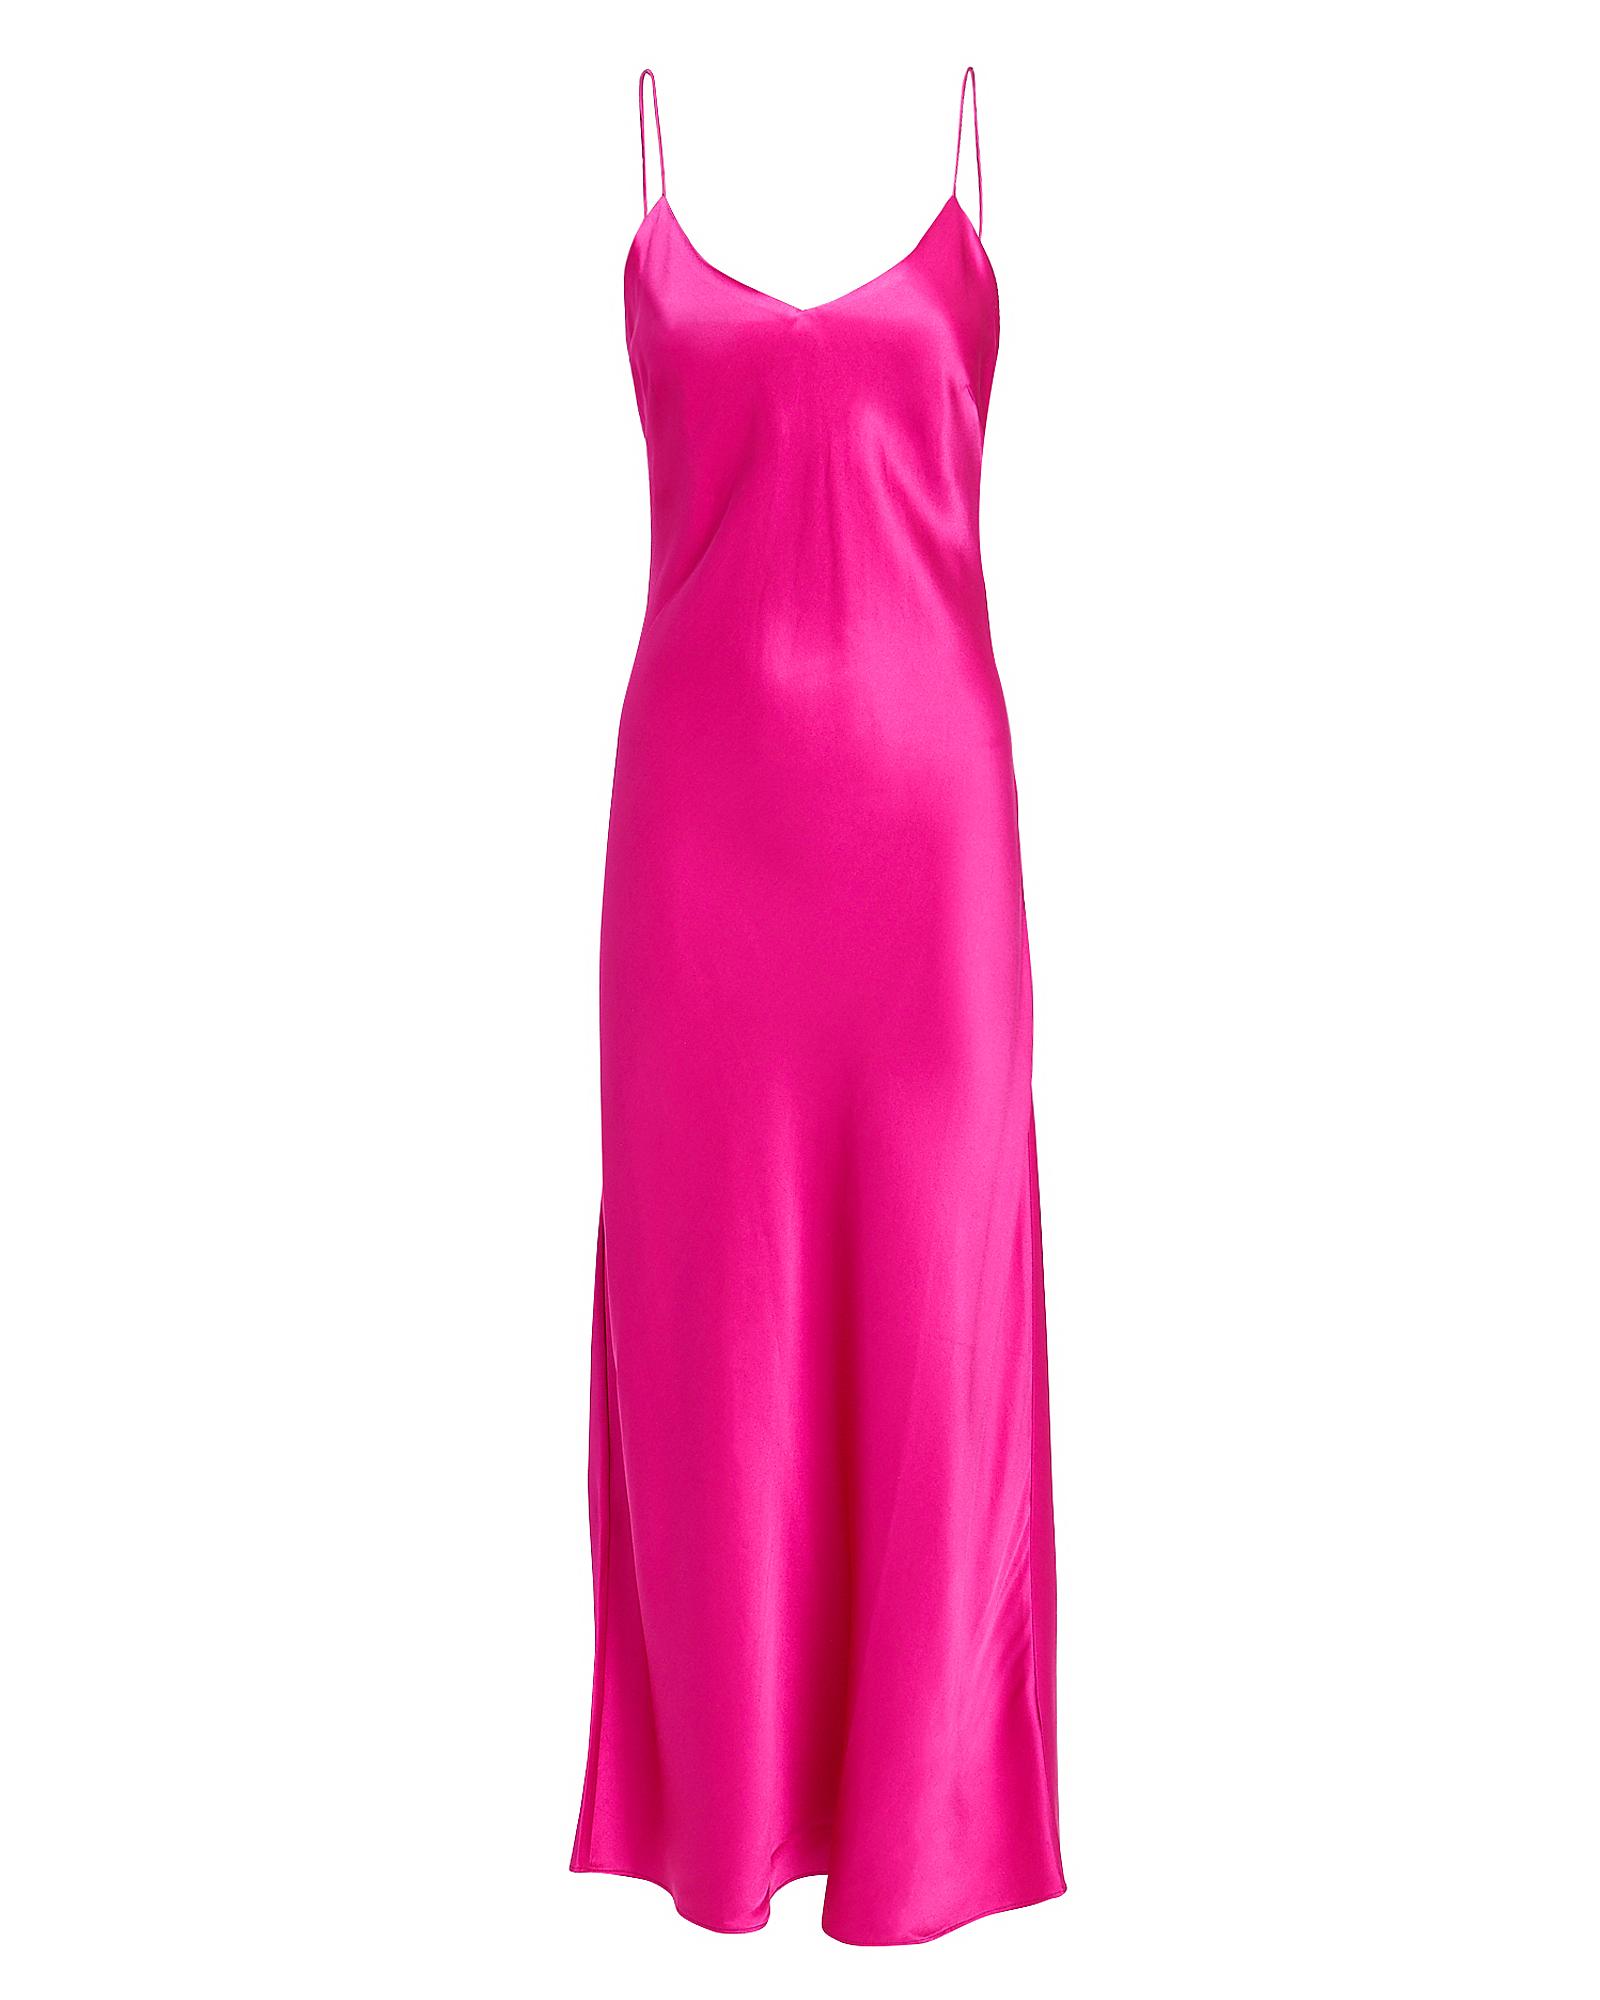 Rosemary Sli Midi Dress Hot Ink